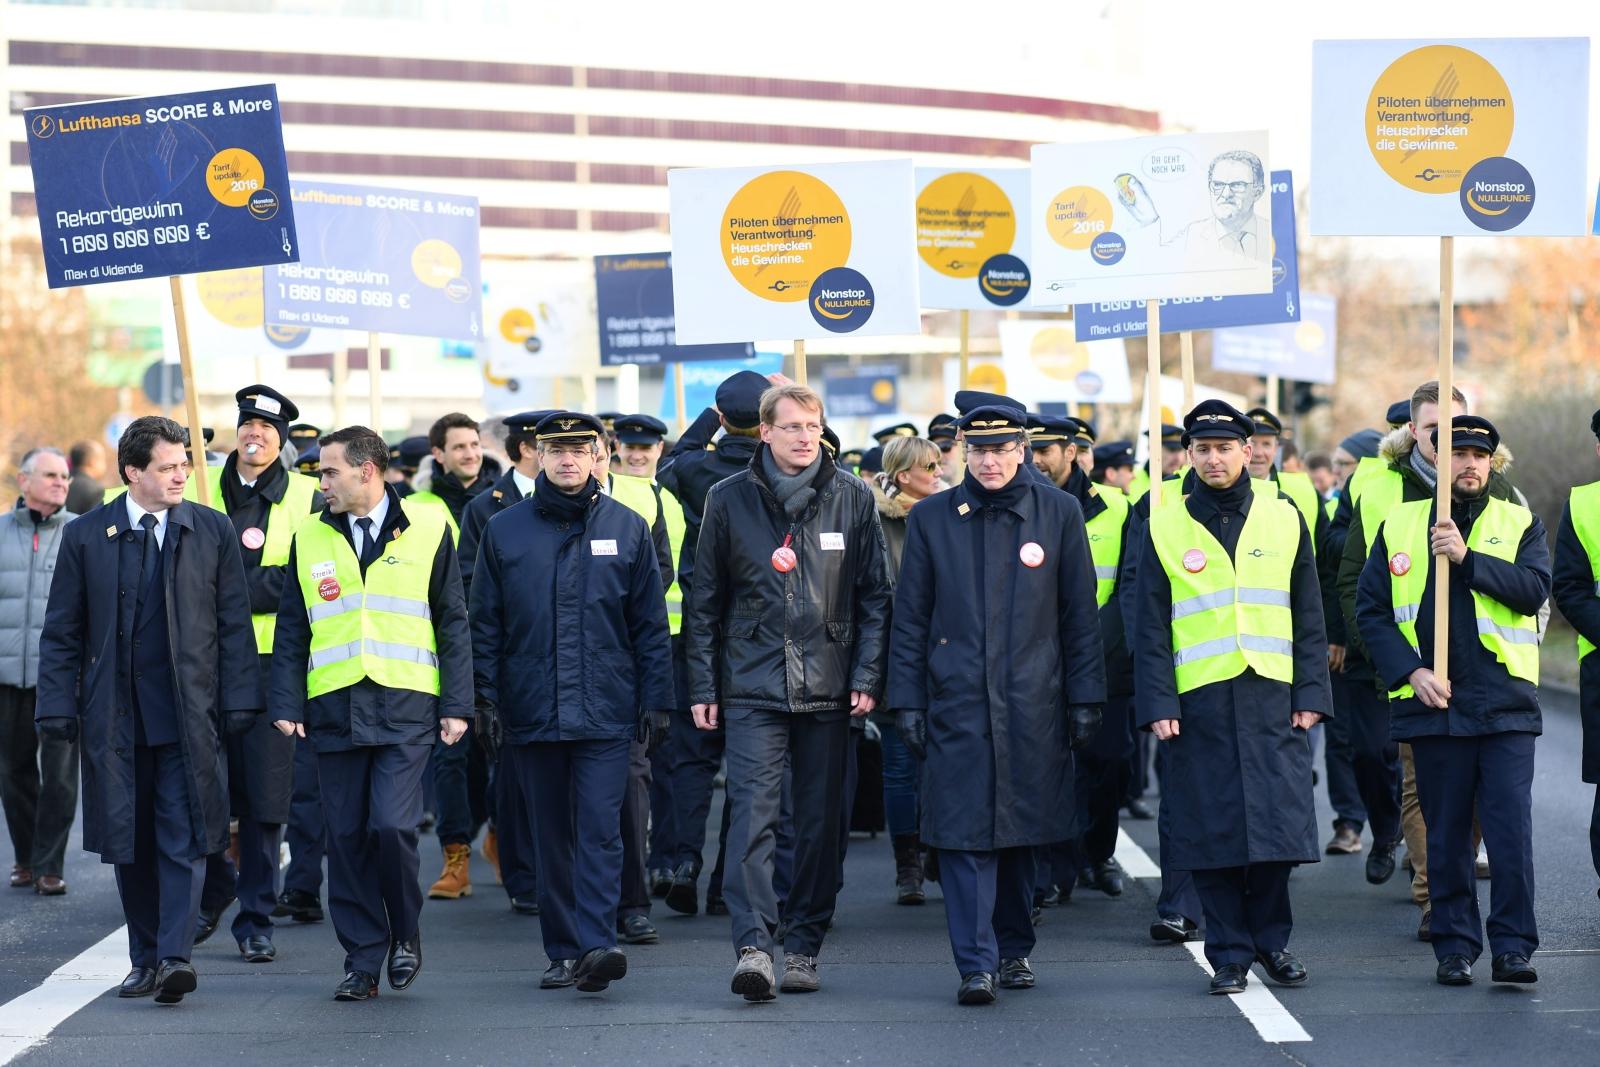 Strajk pracowników Lufthansy w Niemczech nadal trwa. Fot. PAP/EPA/UWE ANSPACH